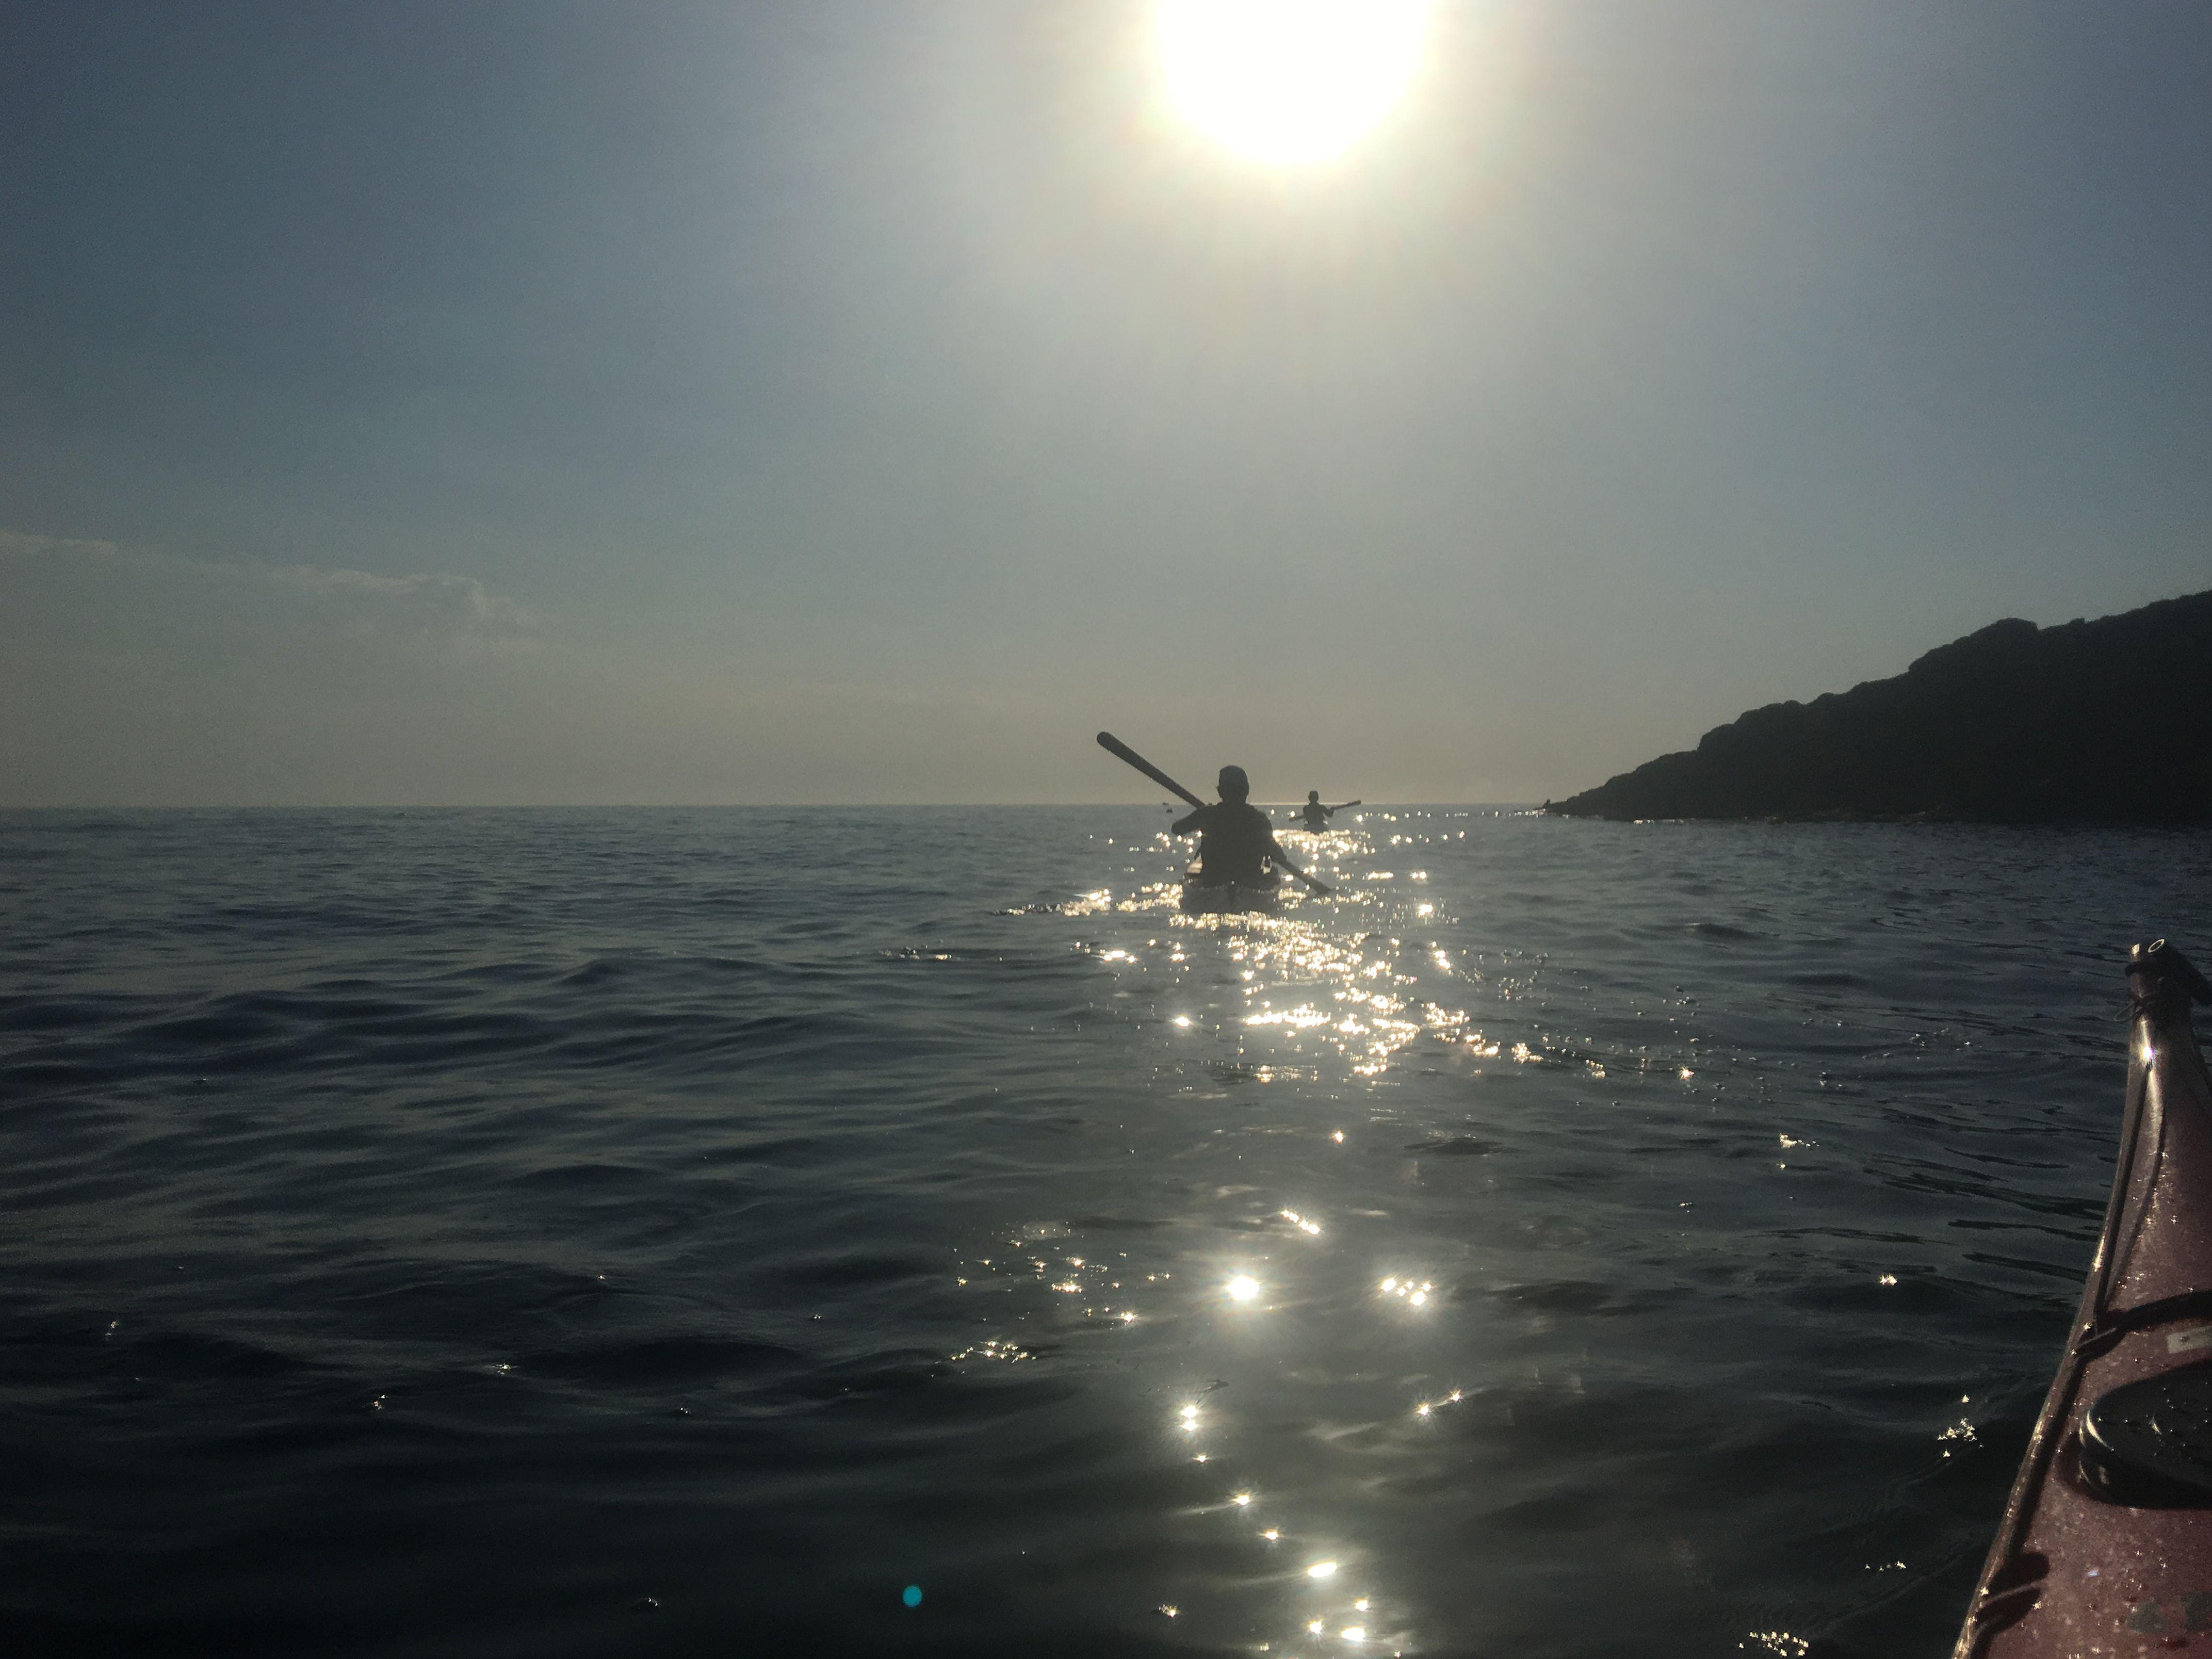 Carles Cornet Planells   Mar en Calma